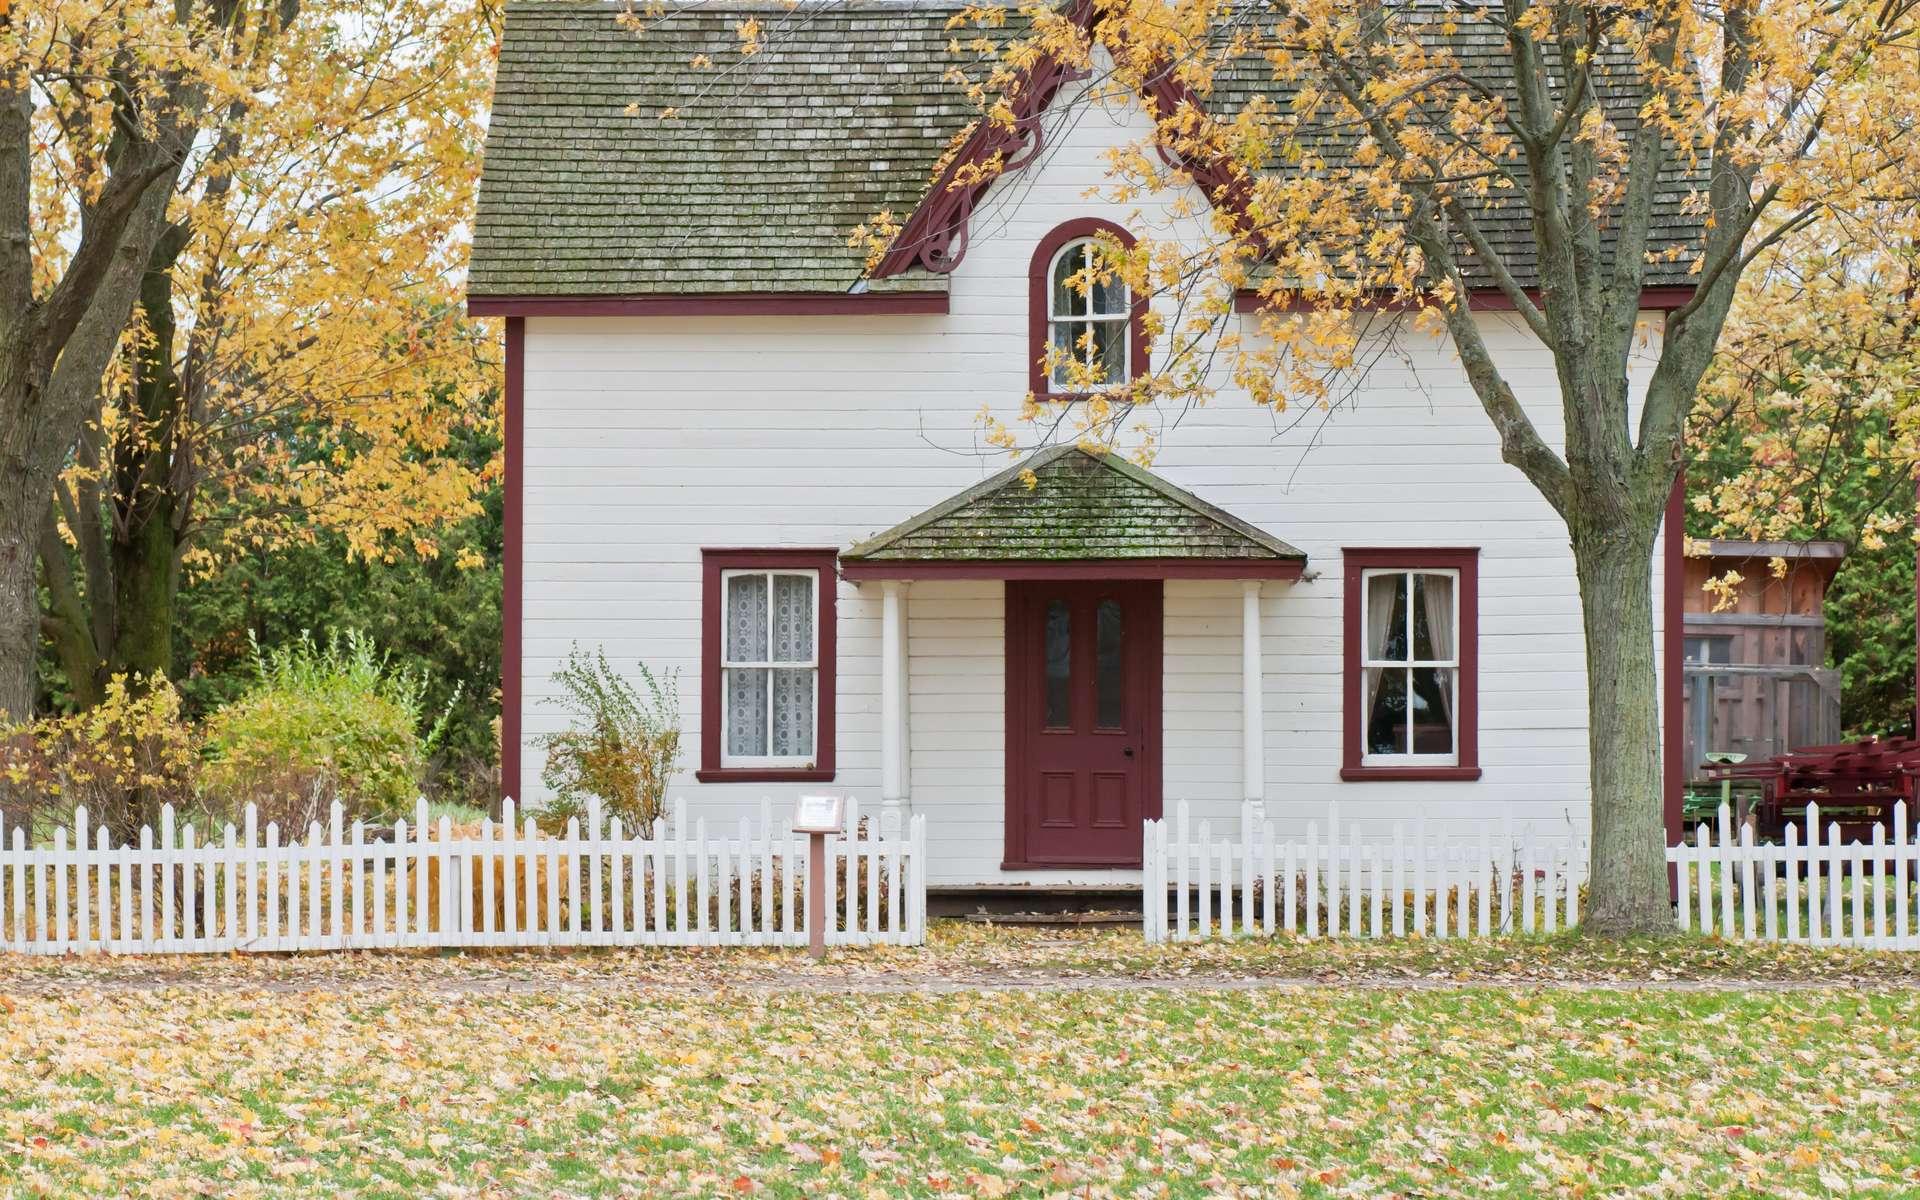 Si l'assurance habitation n'est pas obligatoire mais toutefois fortement conseillée pour les propriétaires, en revanche les locataires ont obligation de souscrire une assurance pour le logement qu'ils occupent. © Scott Webb, Unsplash